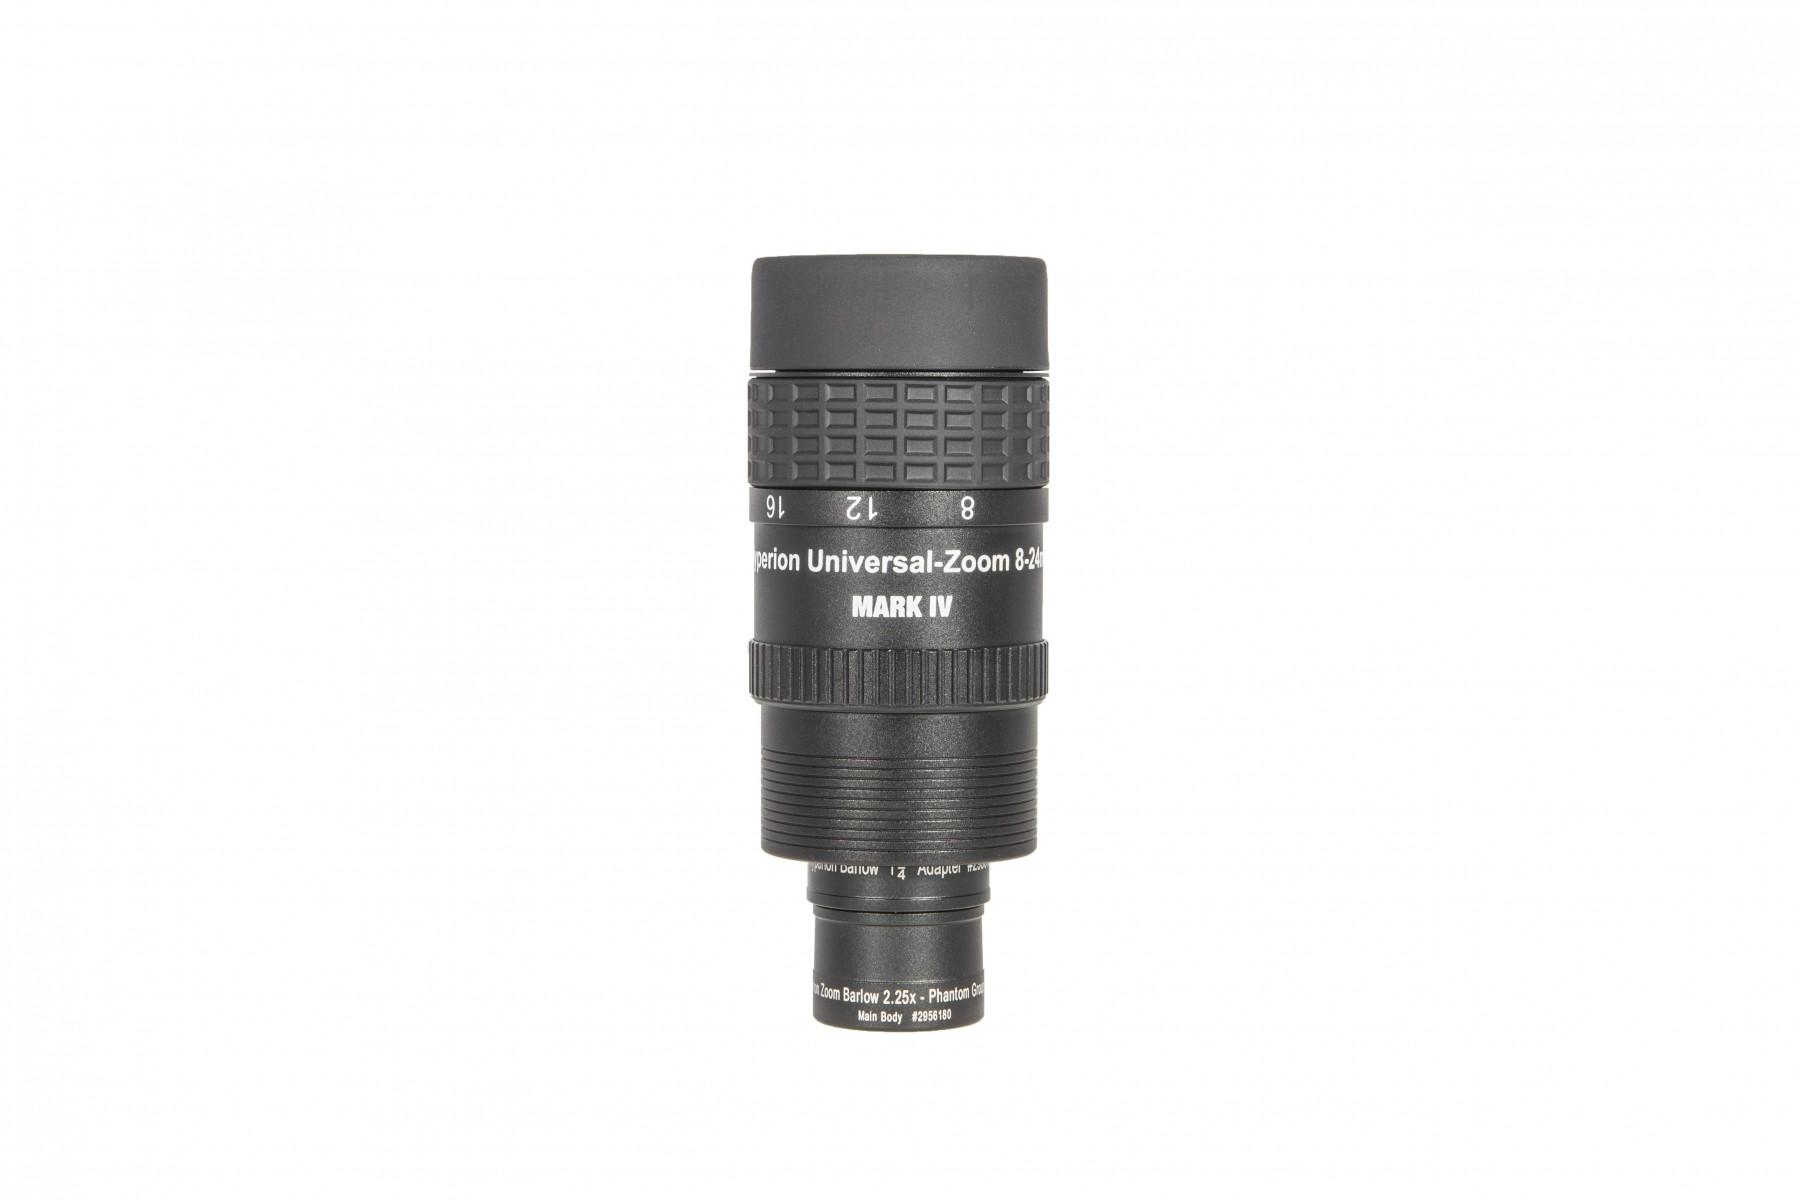 """Hyperion Universal Zoom Mark IV + 2.25x Barlow mit 2"""" Steckhülse und montiertem Spektiv-Adapter (A)"""